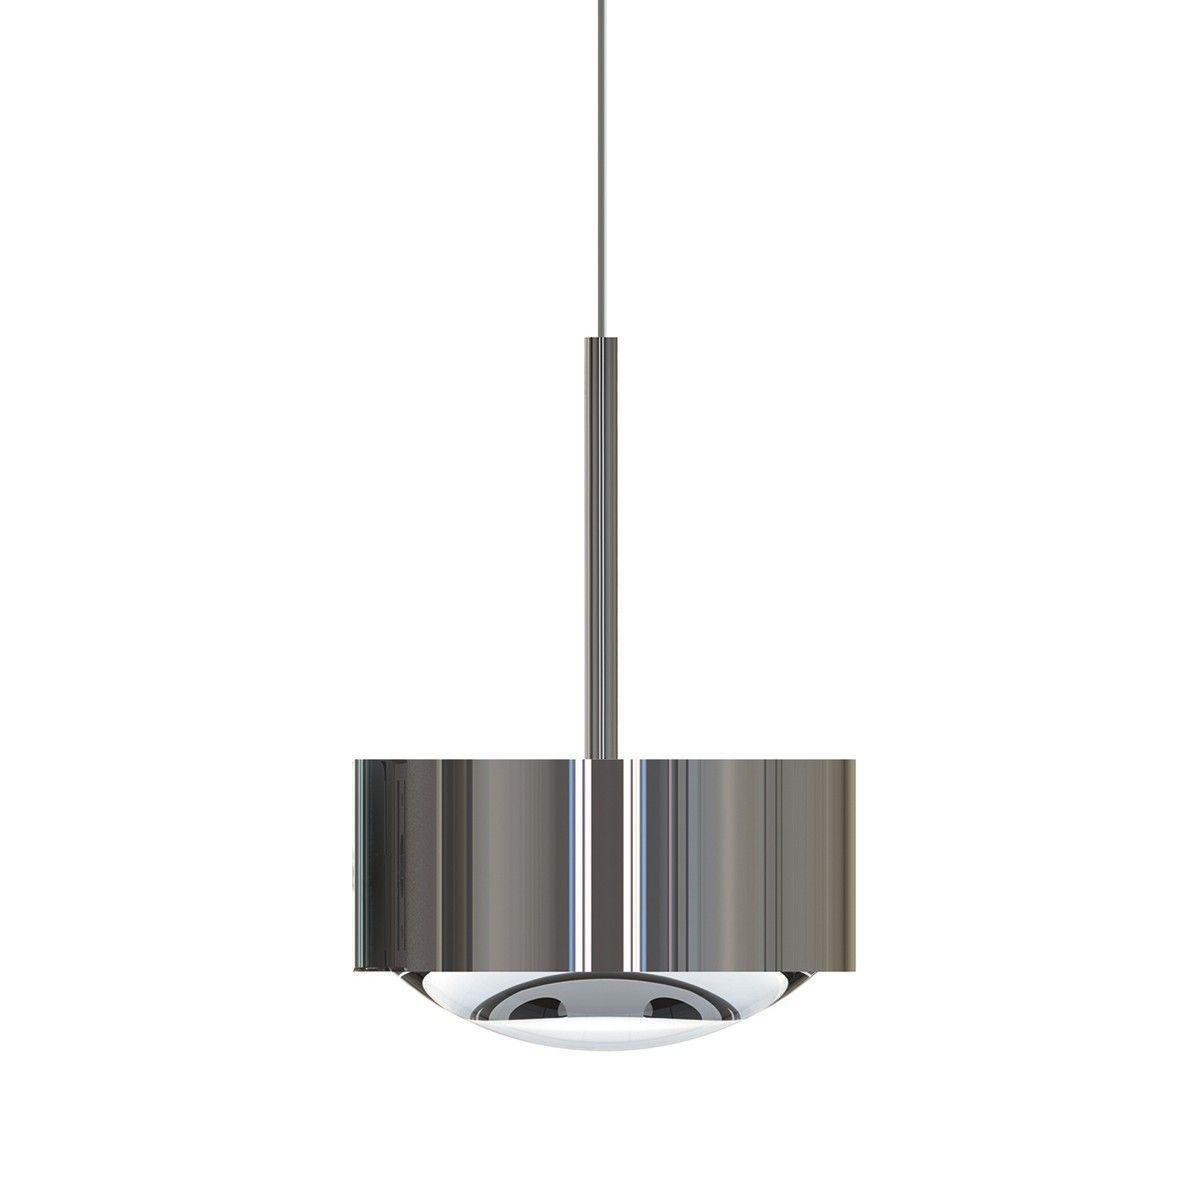 LED Decken Lampe Rund Stoff Holz Leuchte Hänge RGB Licht DIMMBAR Fernbedienung